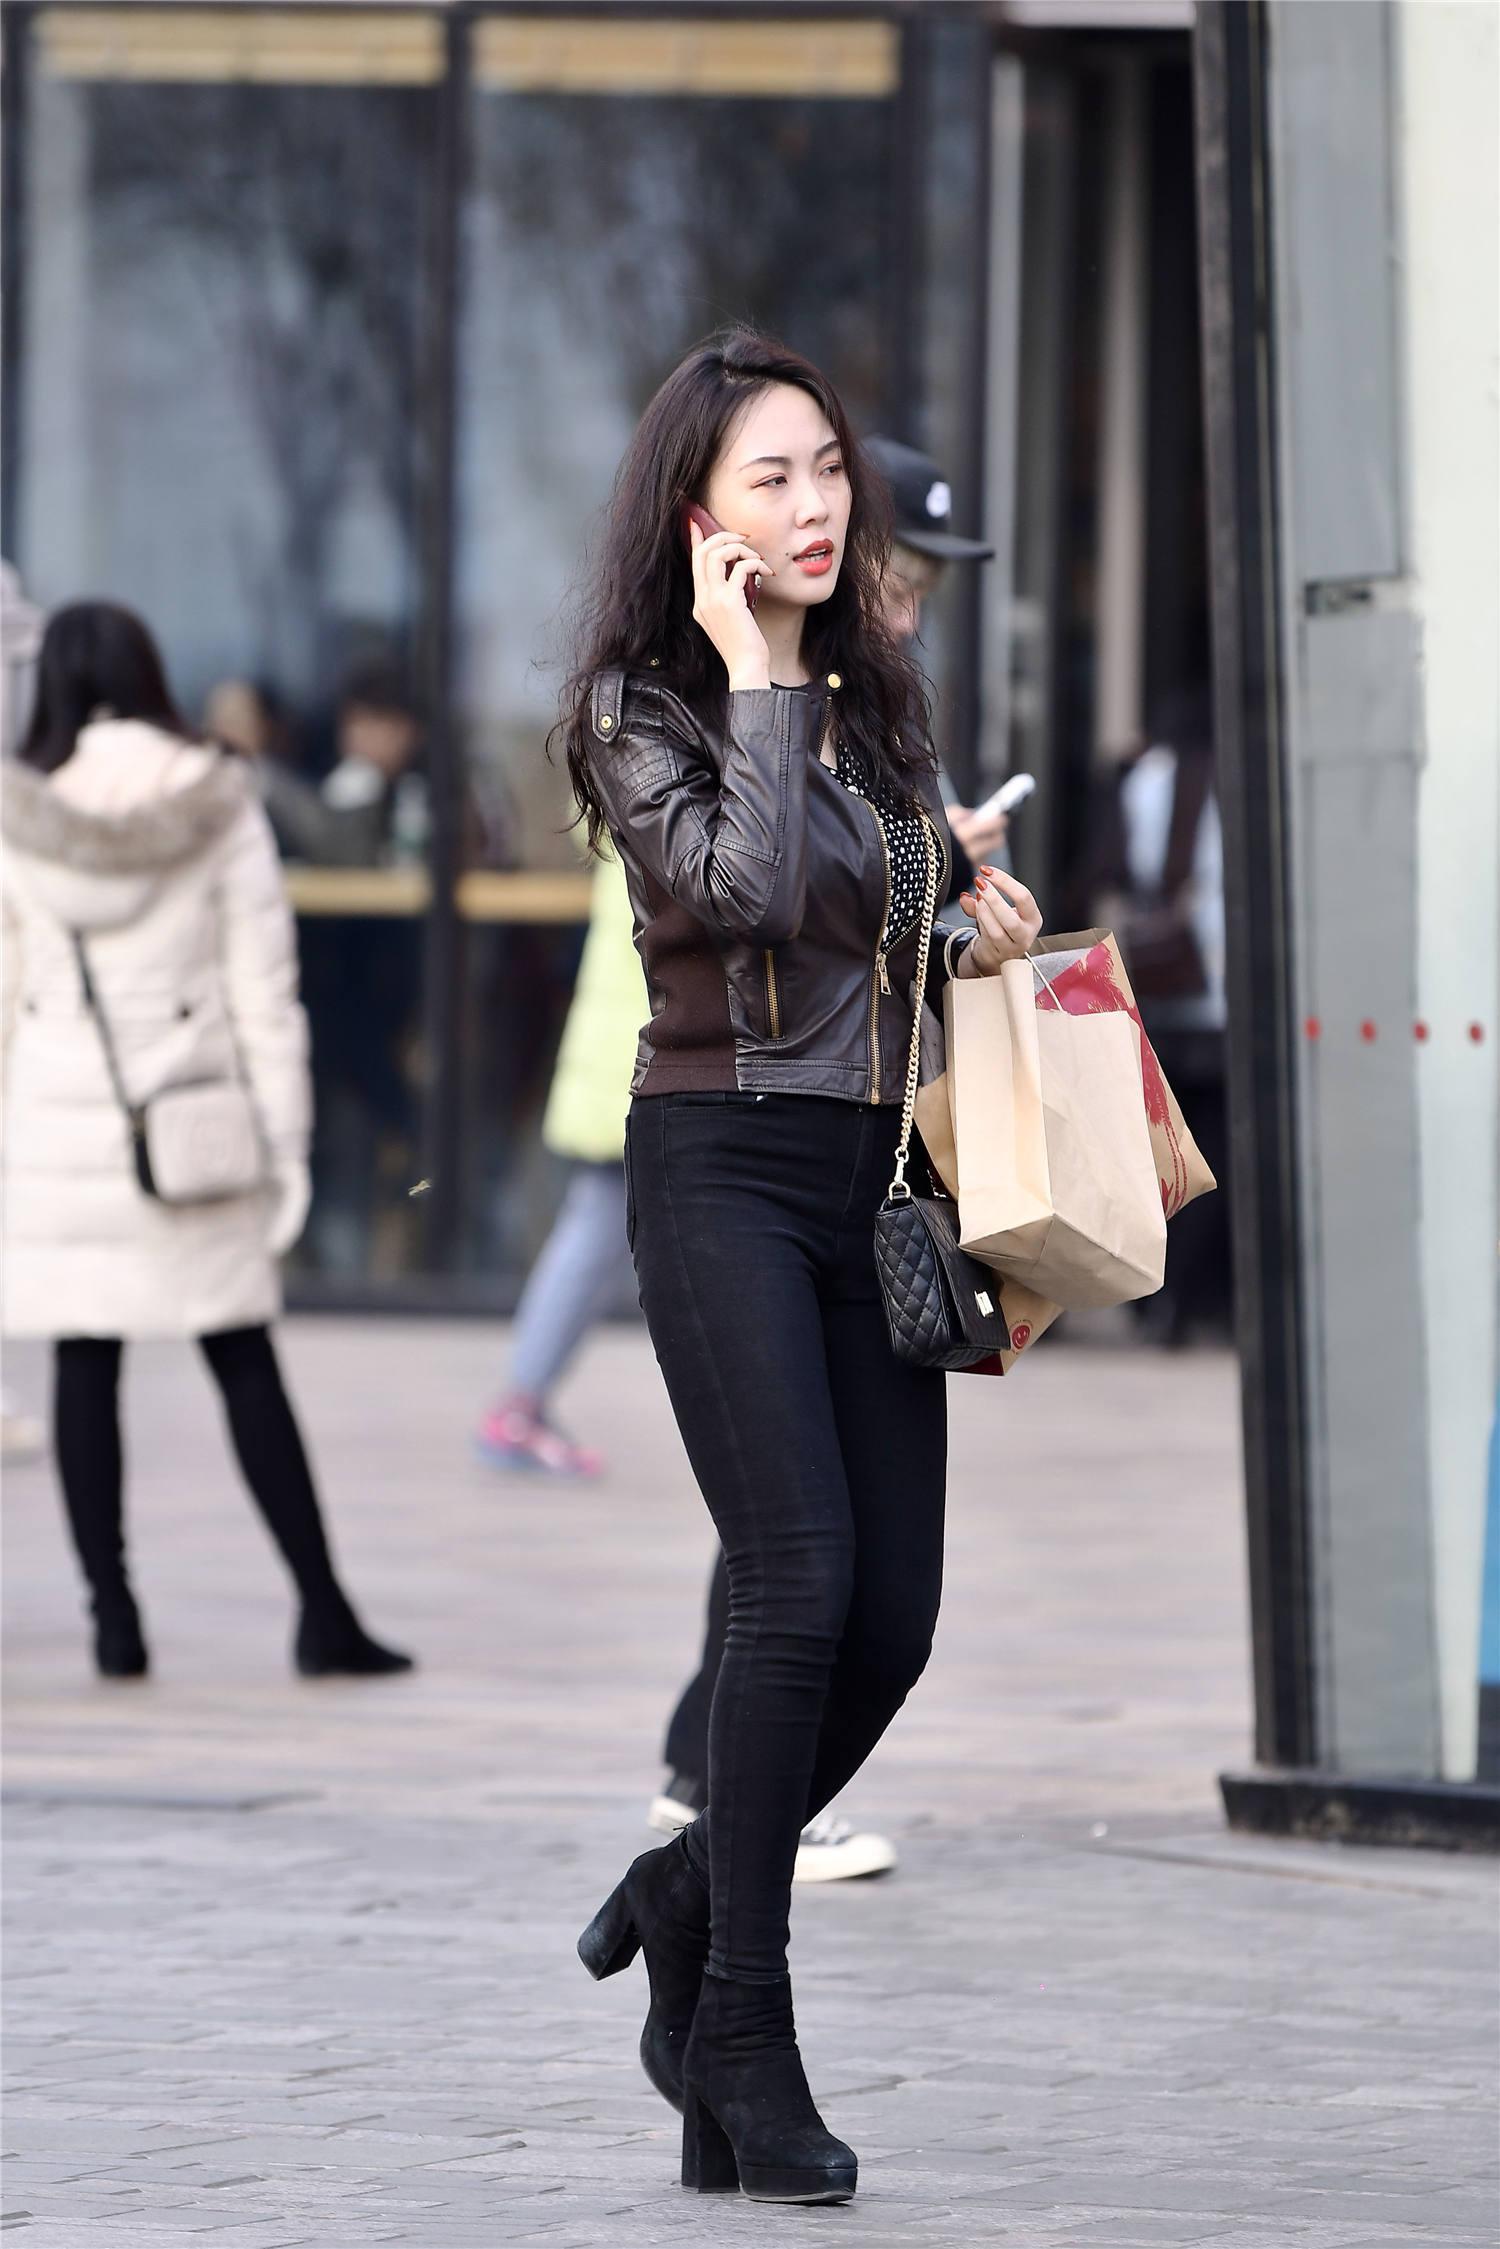 黑色紧身牛仔裤,身材微胖的姑娘穿着更有型,短款皮夹克更显气质_效果